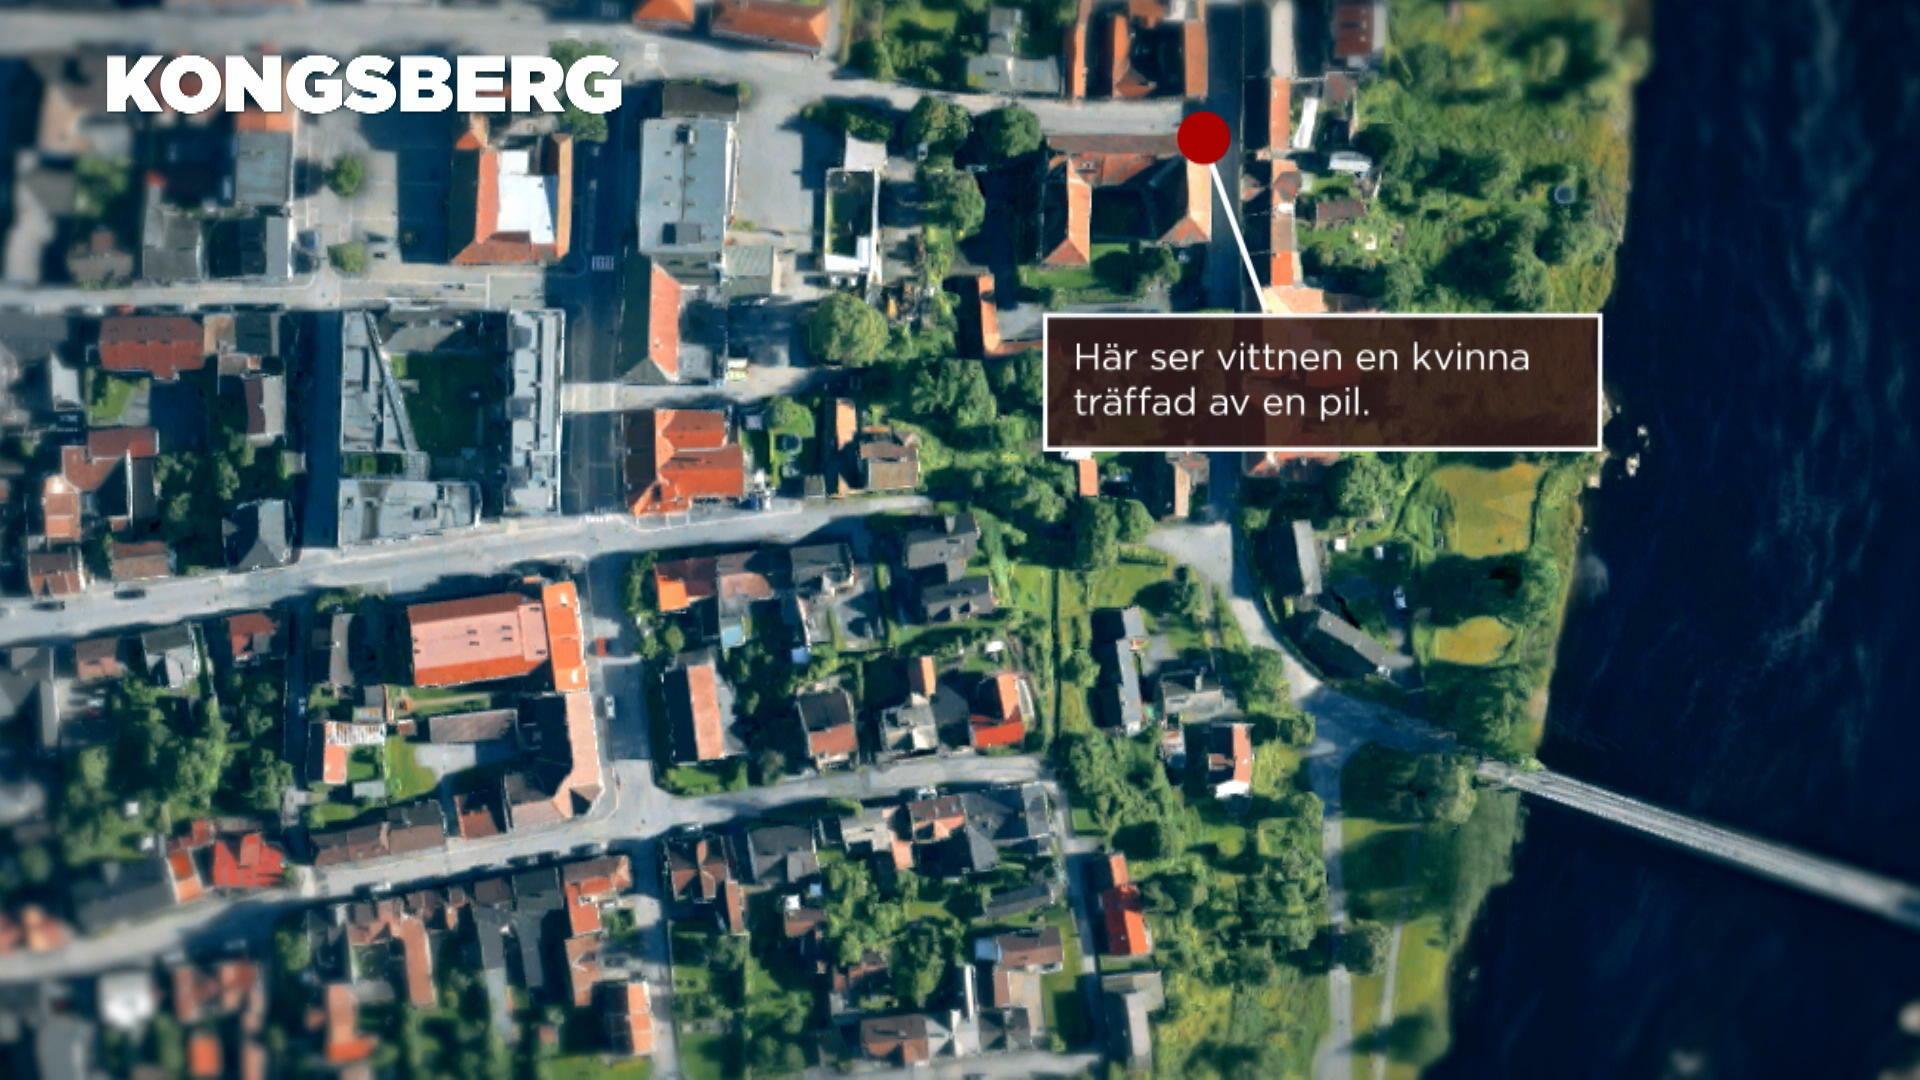 Det här vet vi om pilbågsattacken i Kongsberg